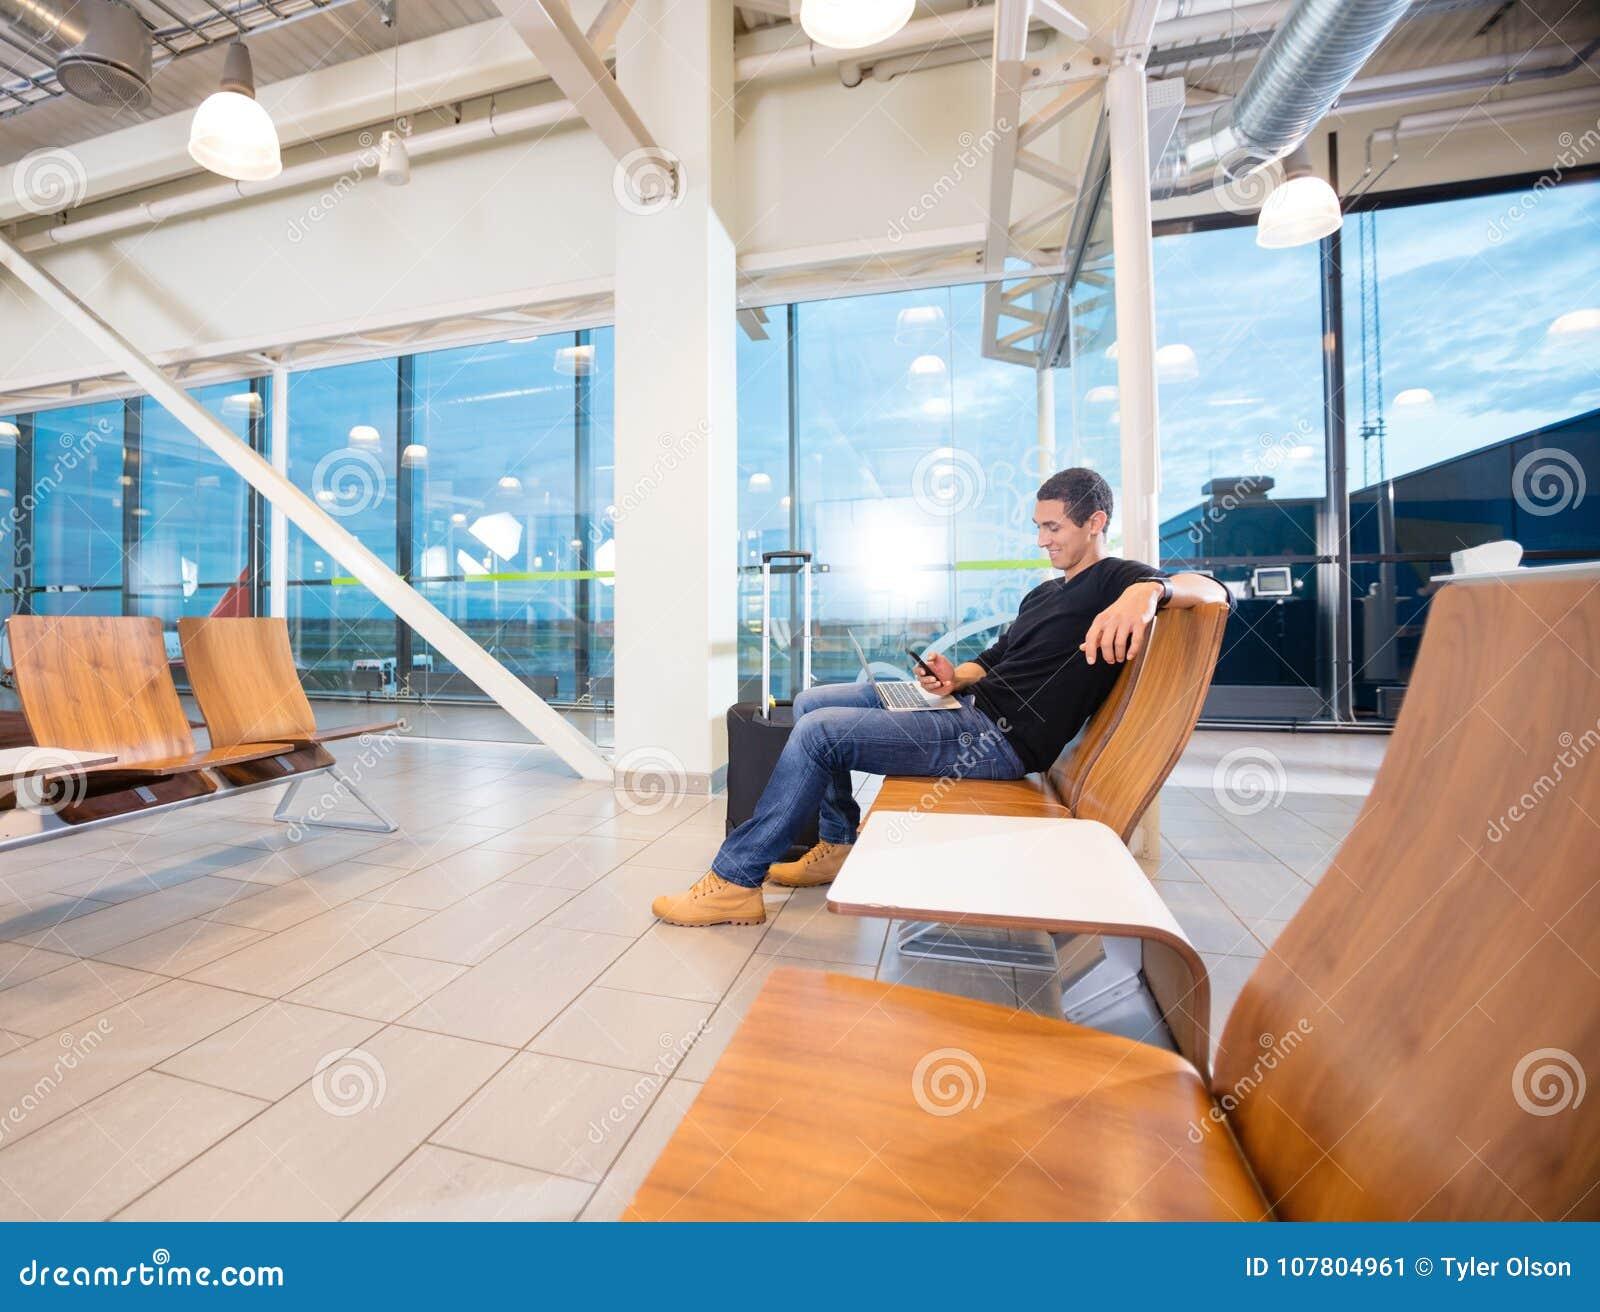 Hombre que usa el teléfono móvil mientras que espera su vuelo